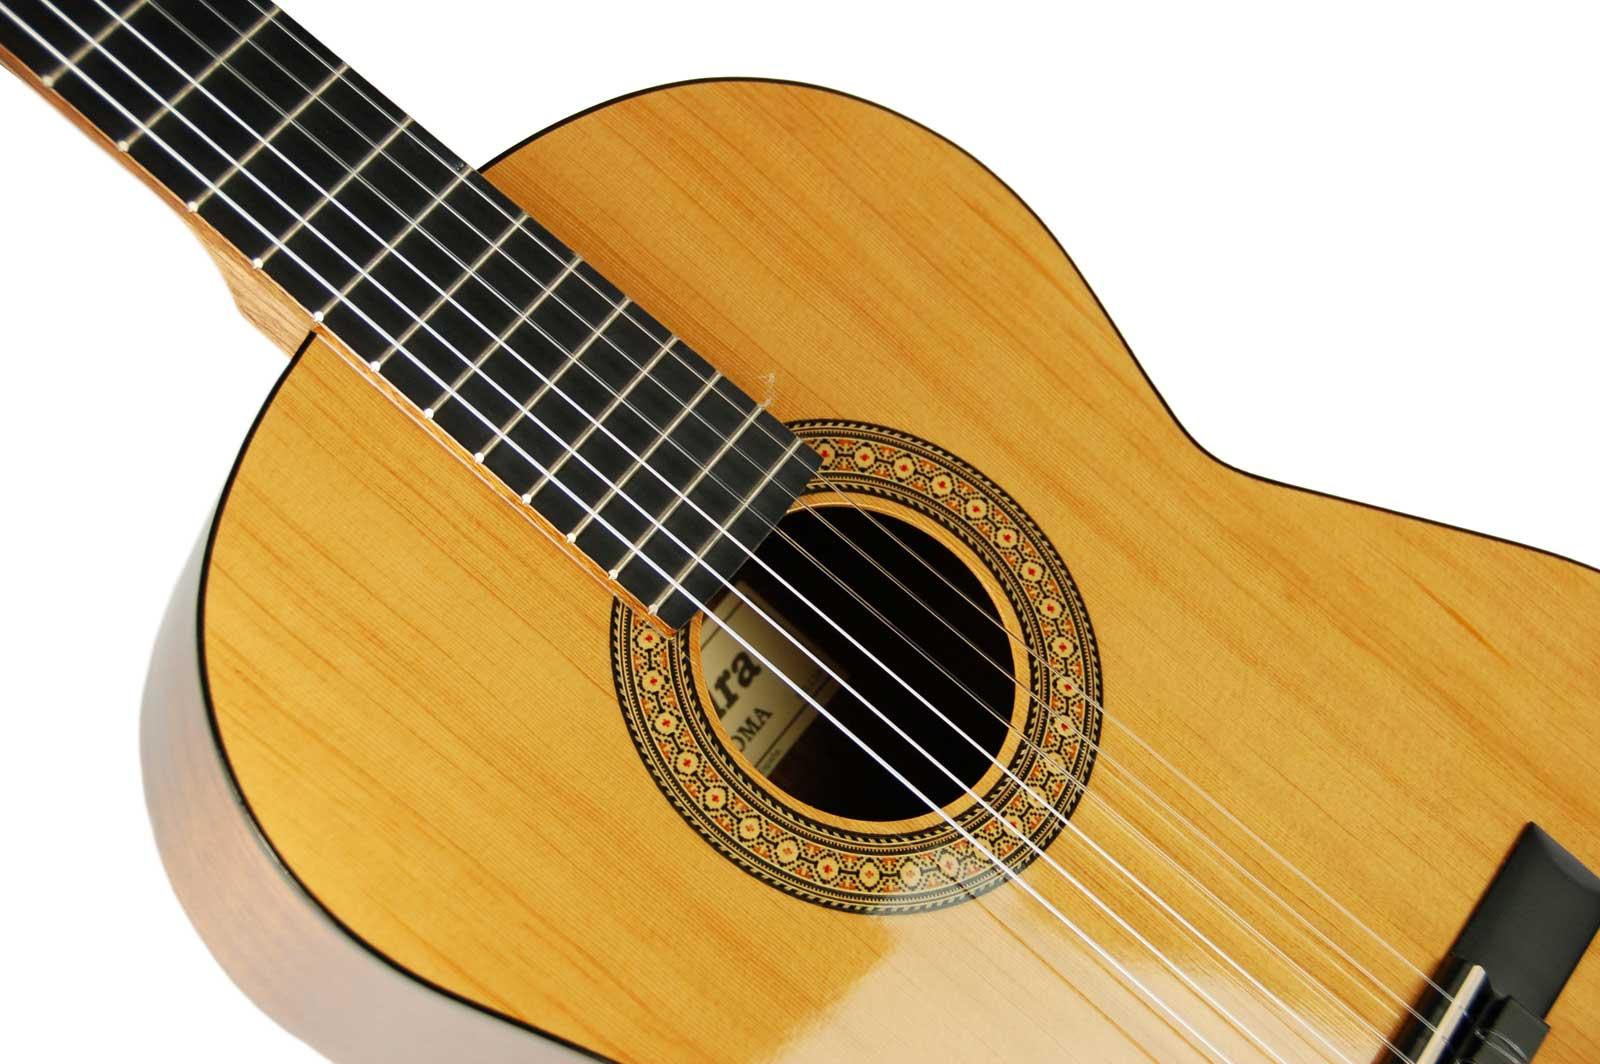 картинки с классическими гитарами всех вариантах жилетки